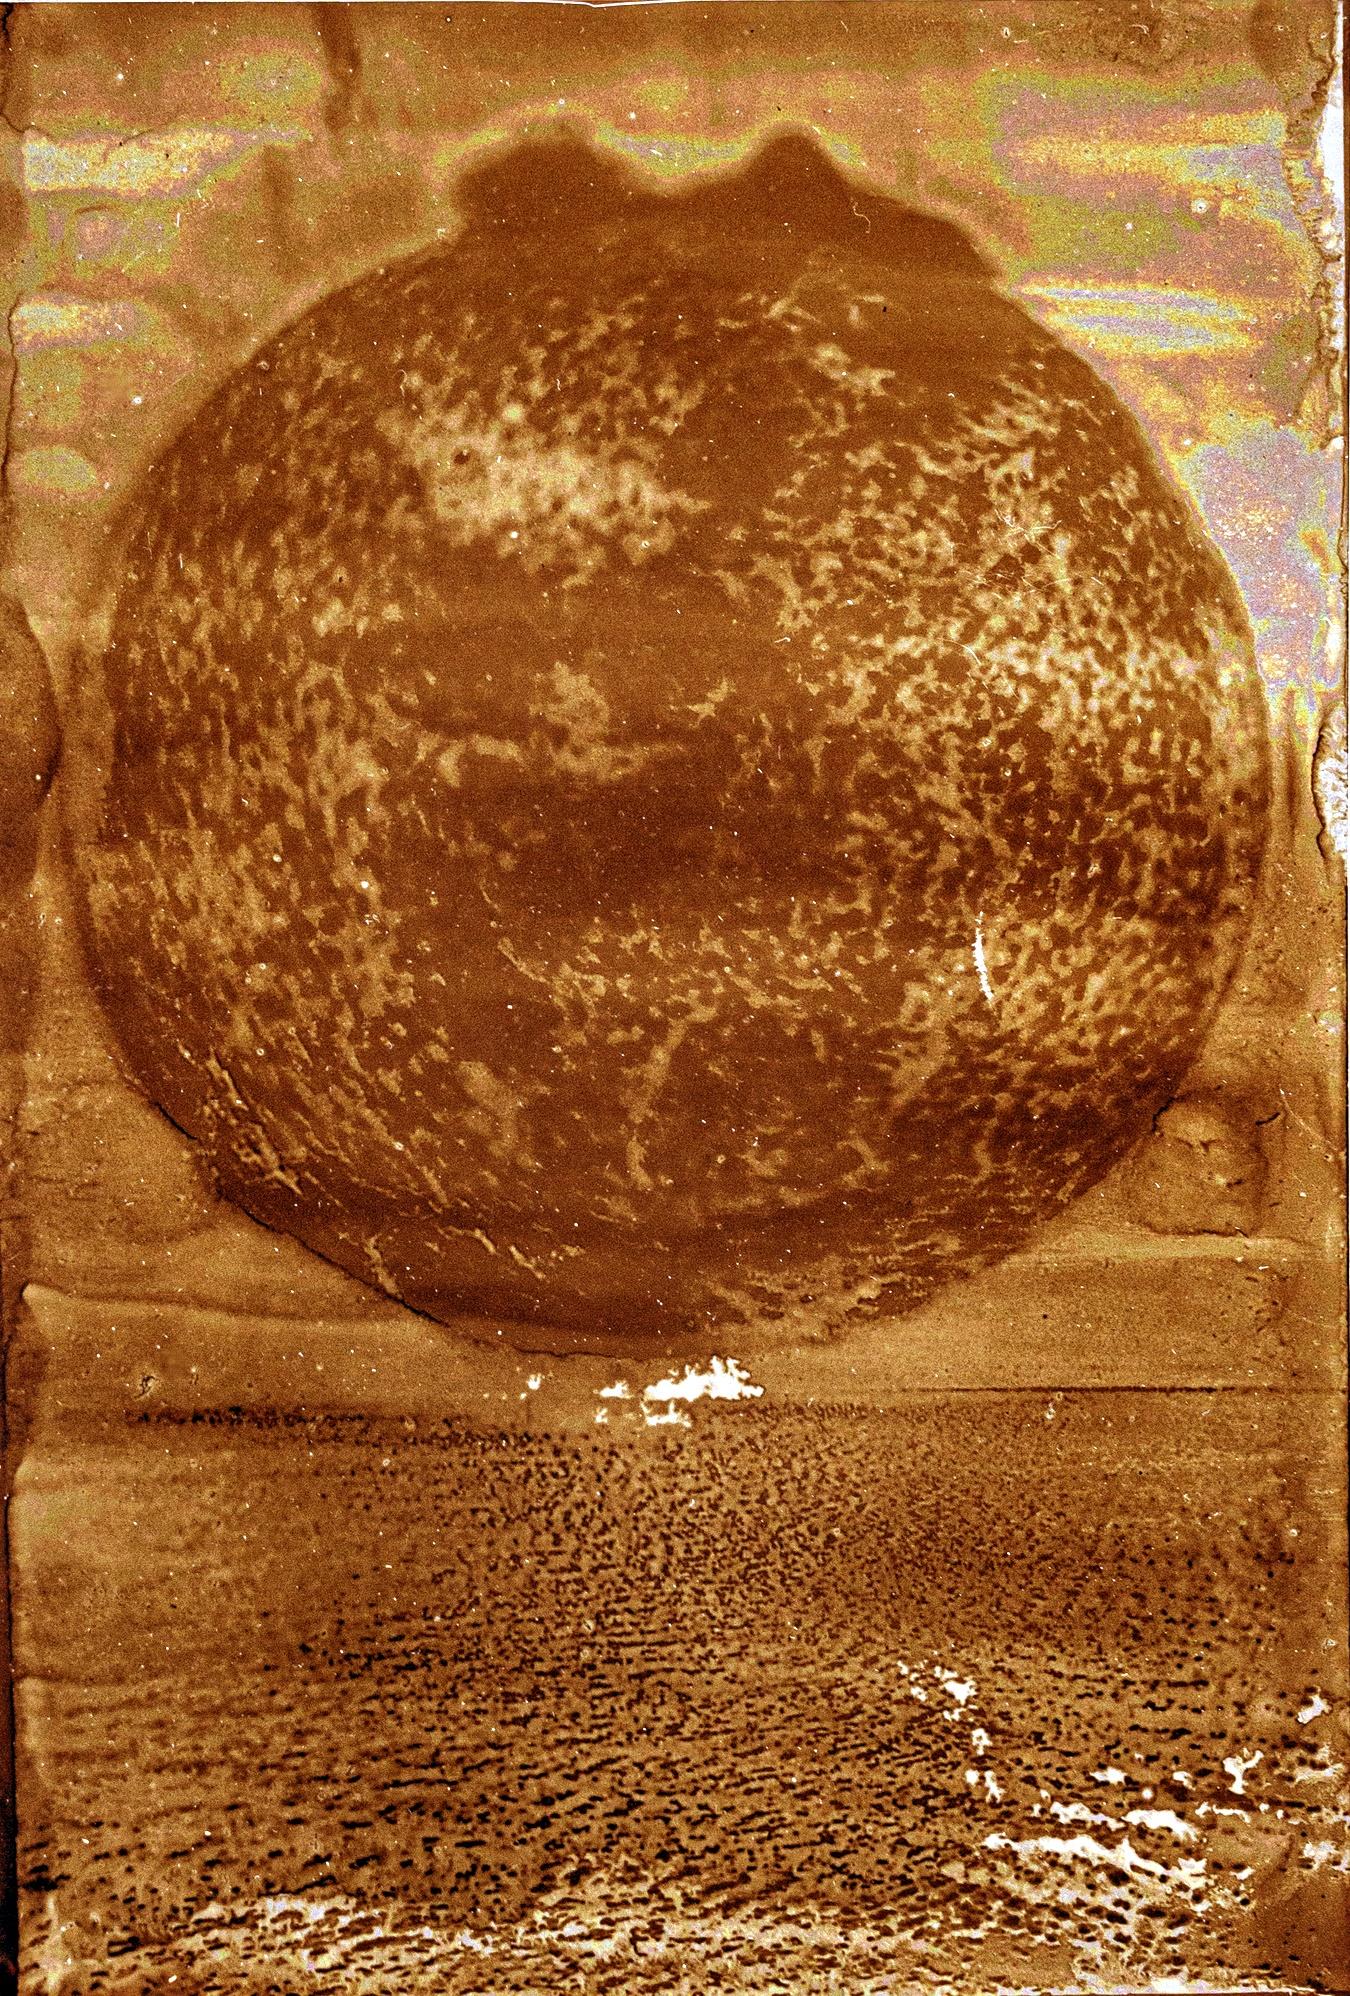 Heliographie, The Sun, 2019 20x27cm (Passepartout 50x70cm) Metal Plate, Lavender Oil, Bitume de Judée